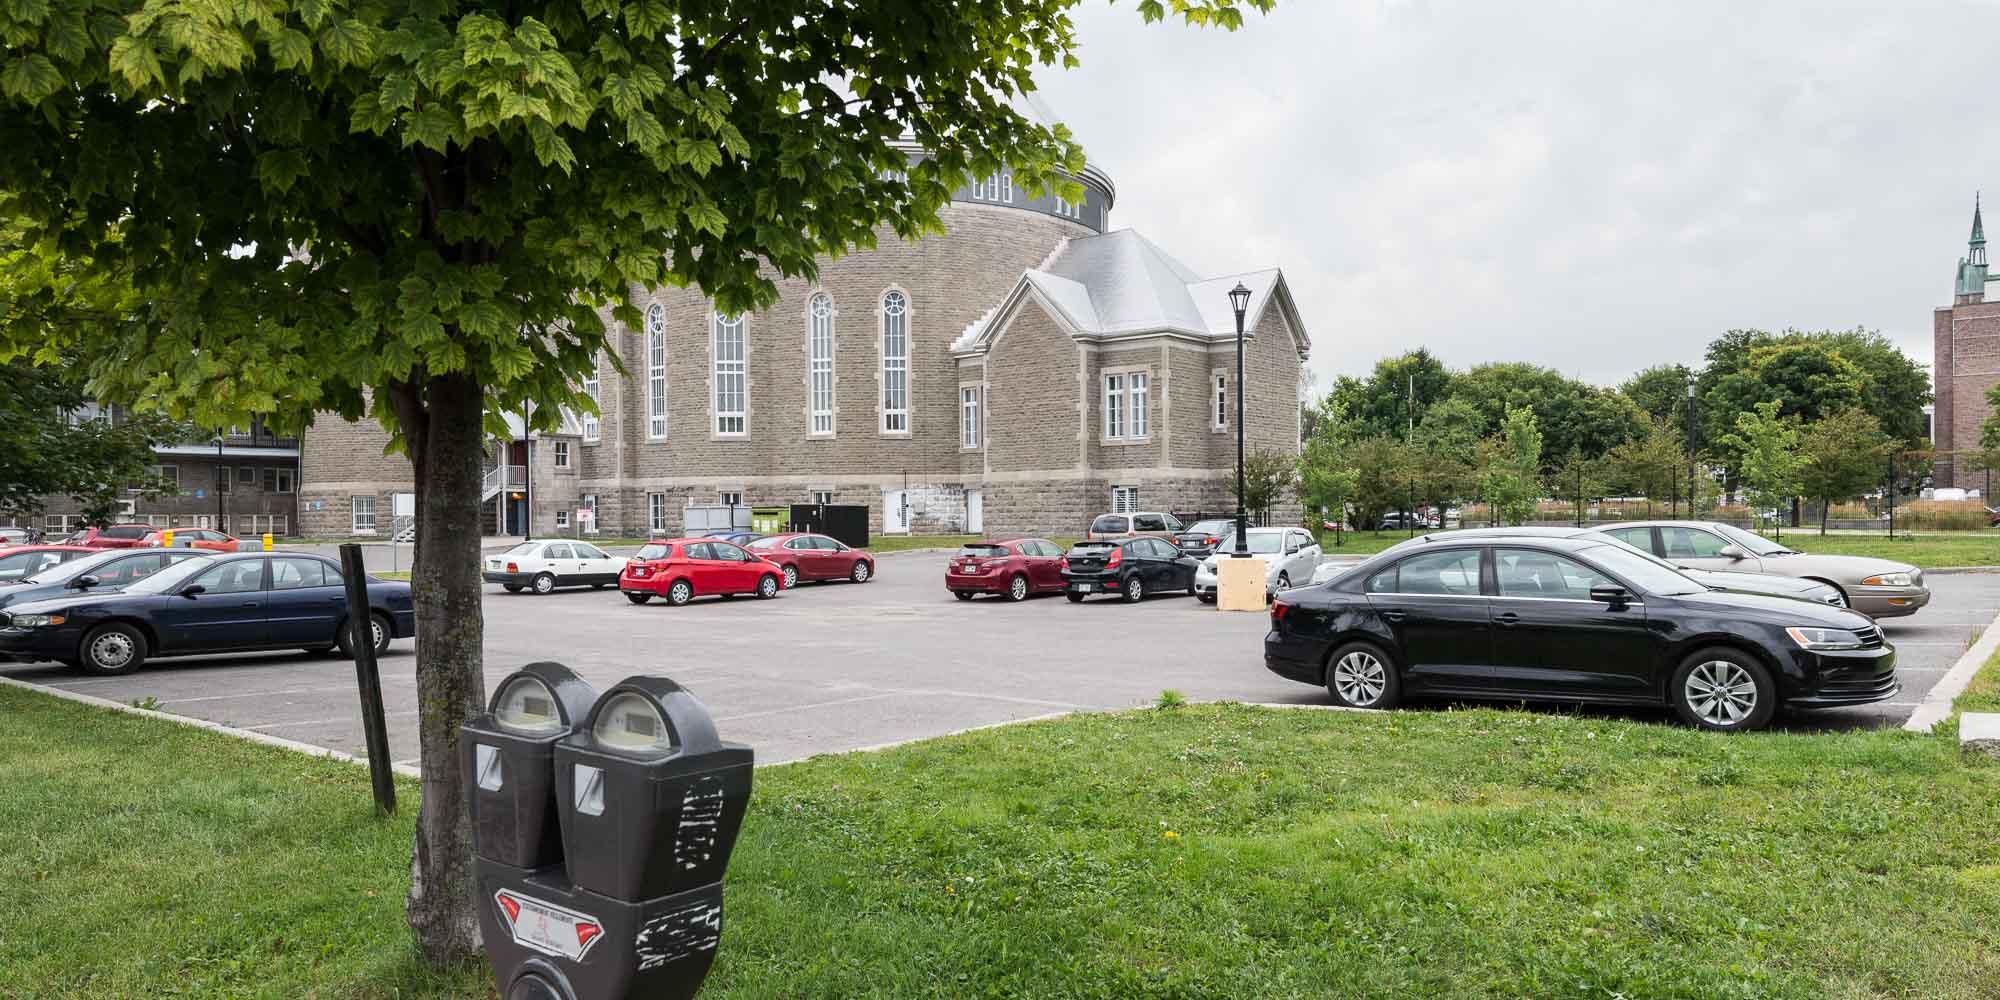 Ce sont près de 80 places qui pourraient devenir payantes, au même prix que le stationnement public, pour la Cathédrale de Saint-Jérôme.